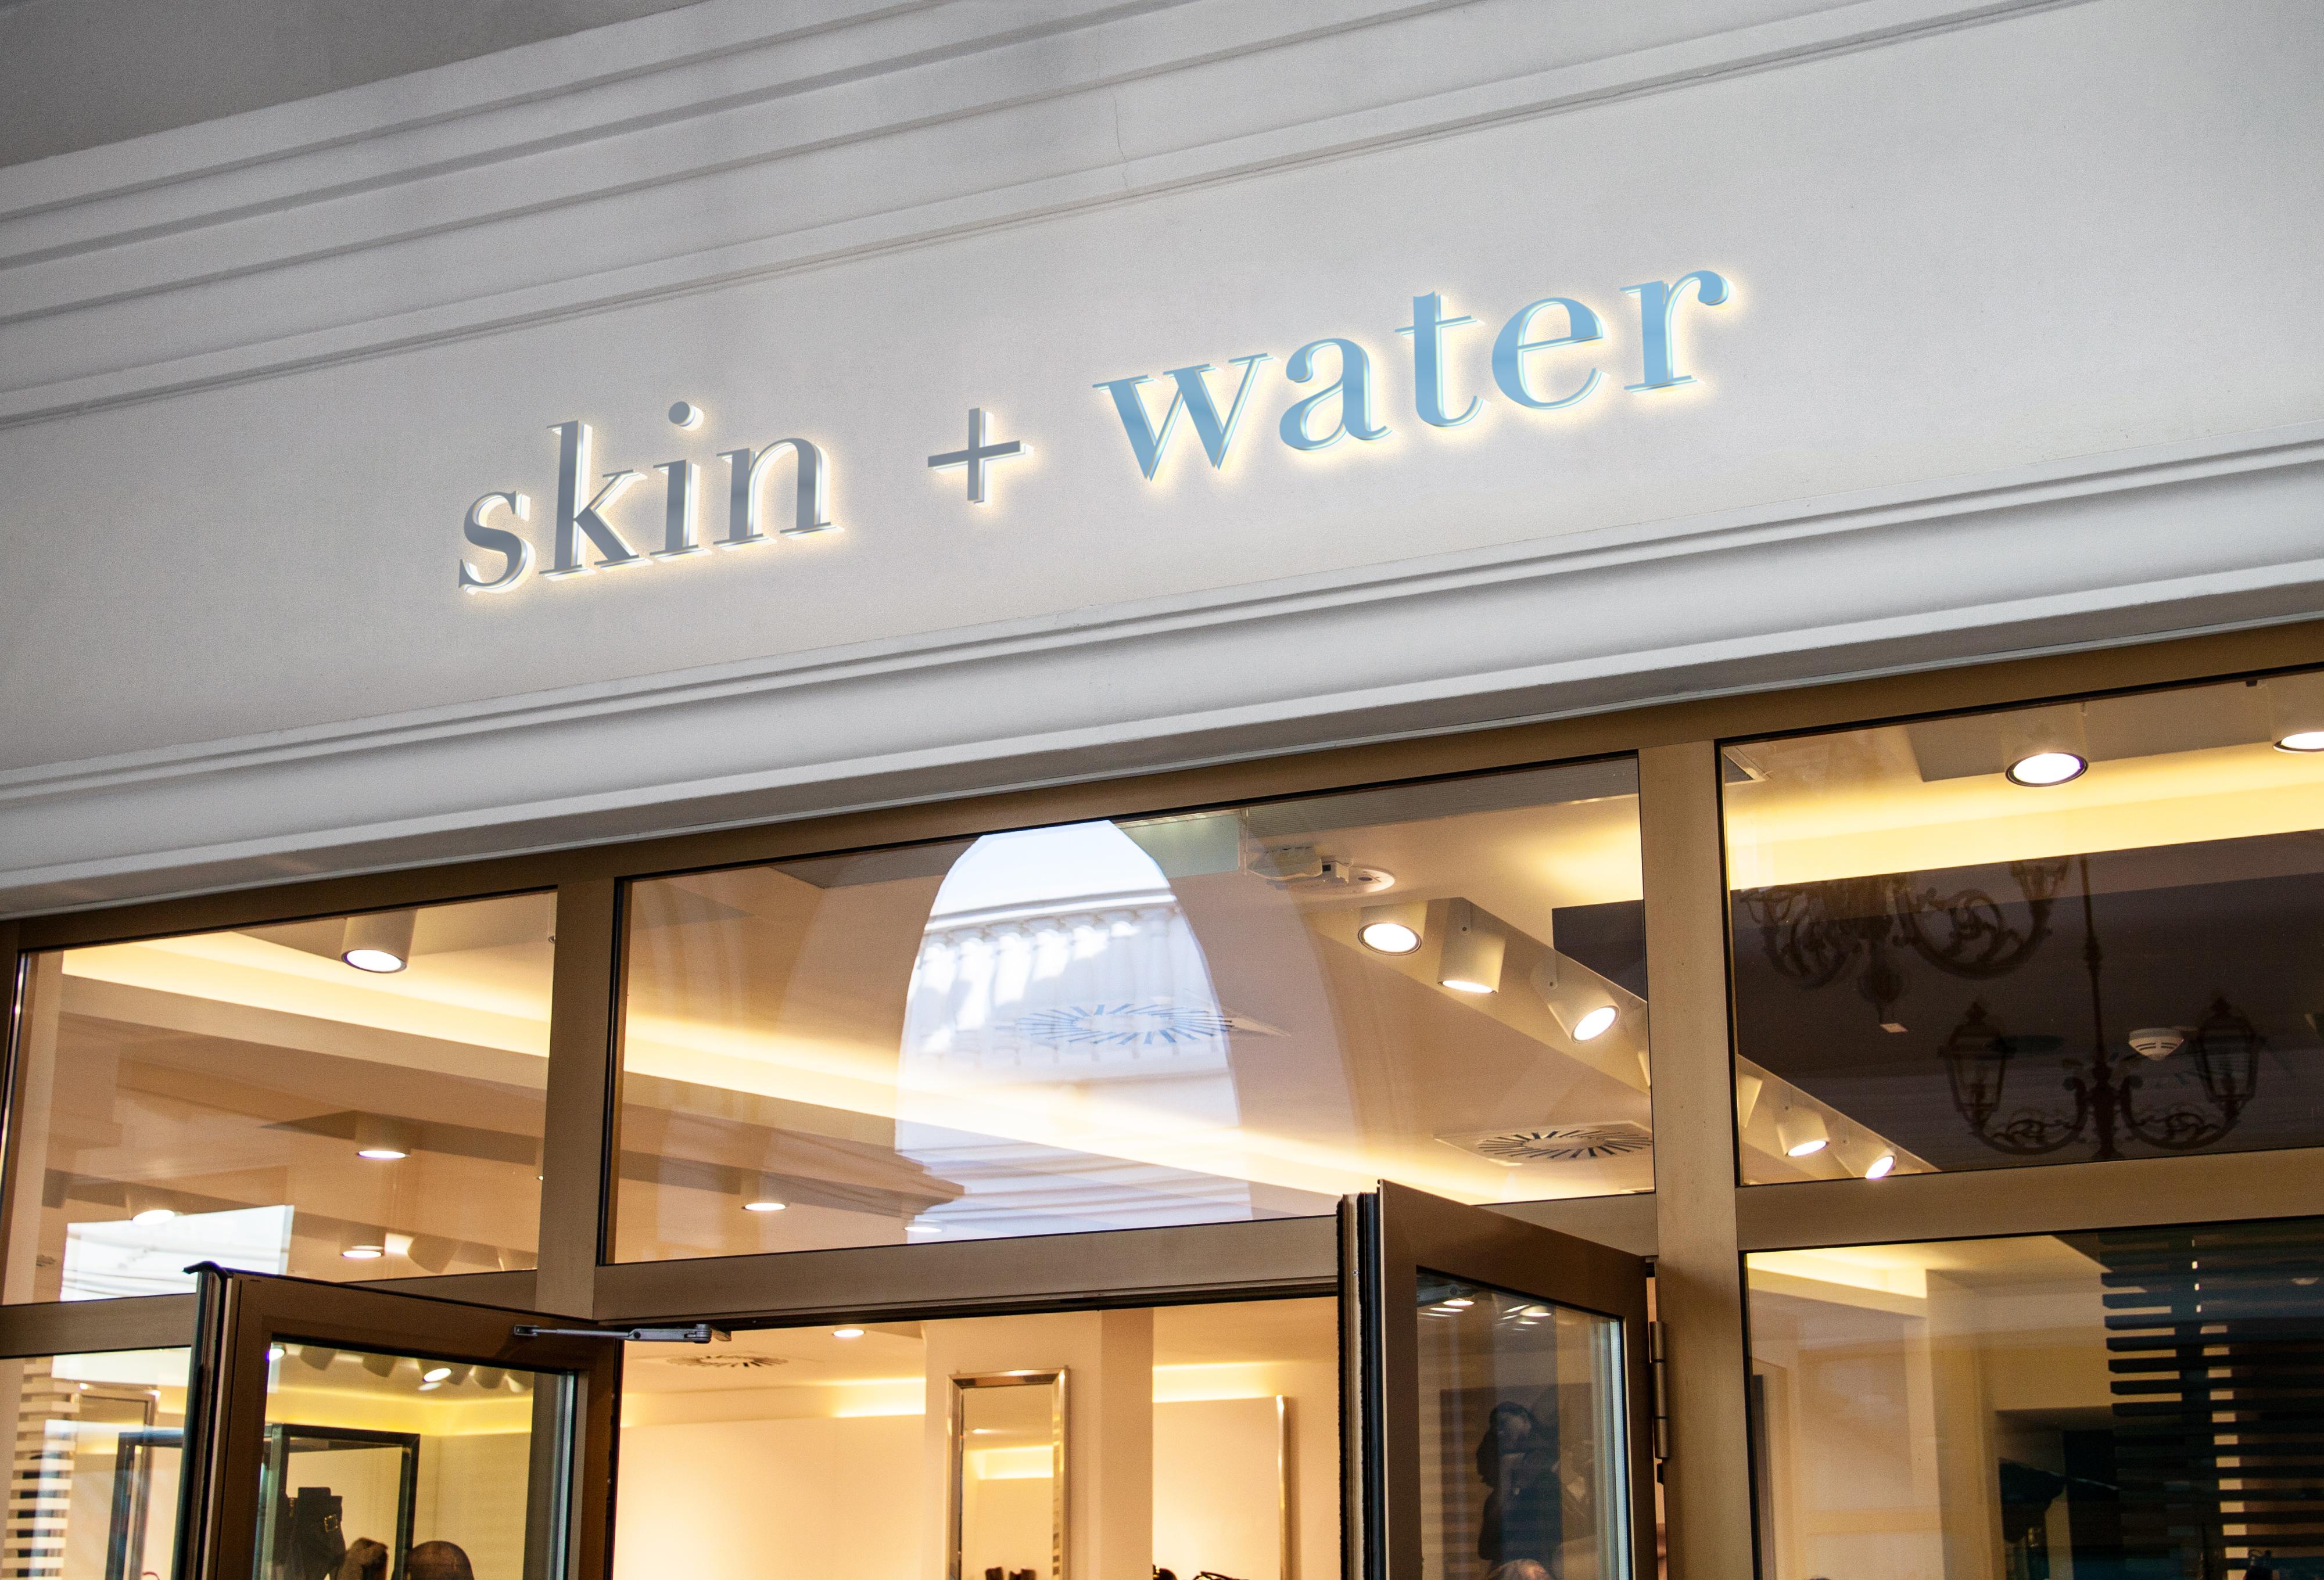 Skin+Water Signage